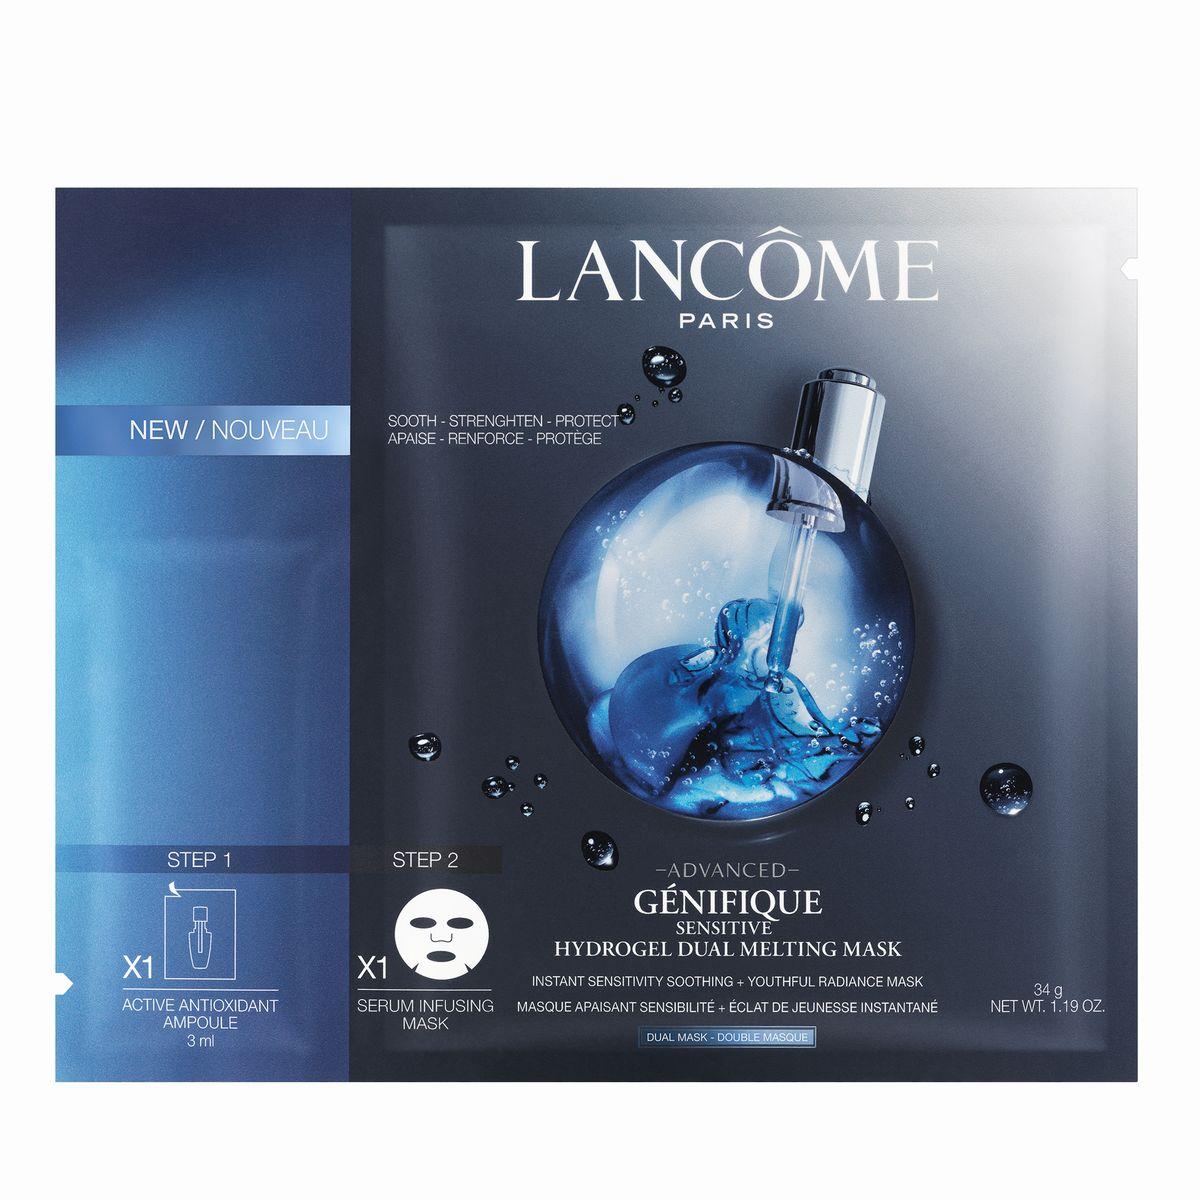 ランコムの『ジェニフィックアドバンスト』ってどんな化粧品?その特徴をご紹介の画像